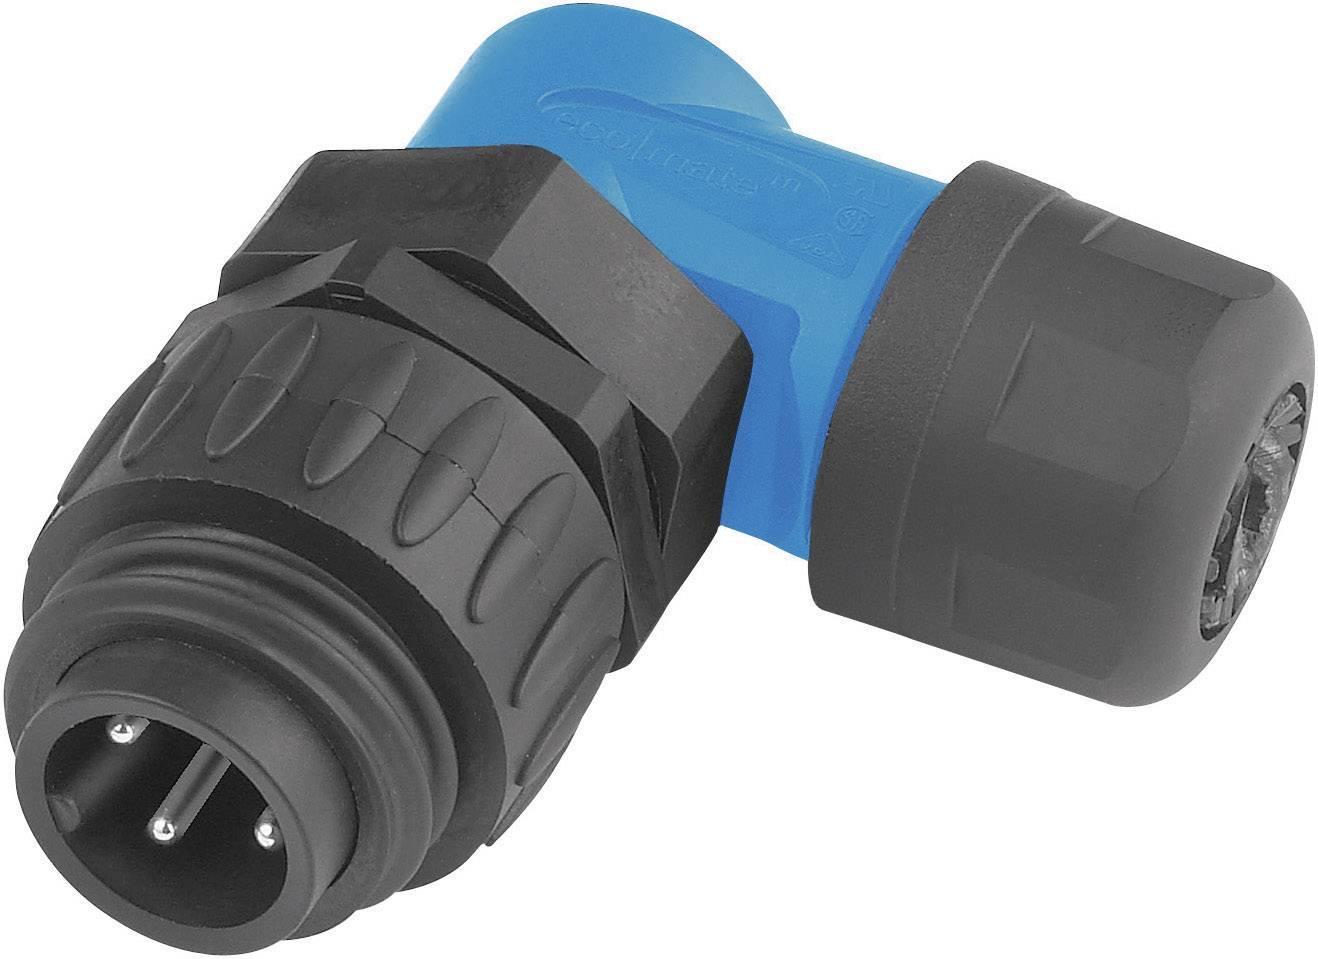 Kabelový konektor 6+PE Amphenol C016 30K006 100 10, zahnutý, 10 A, černá/modrá